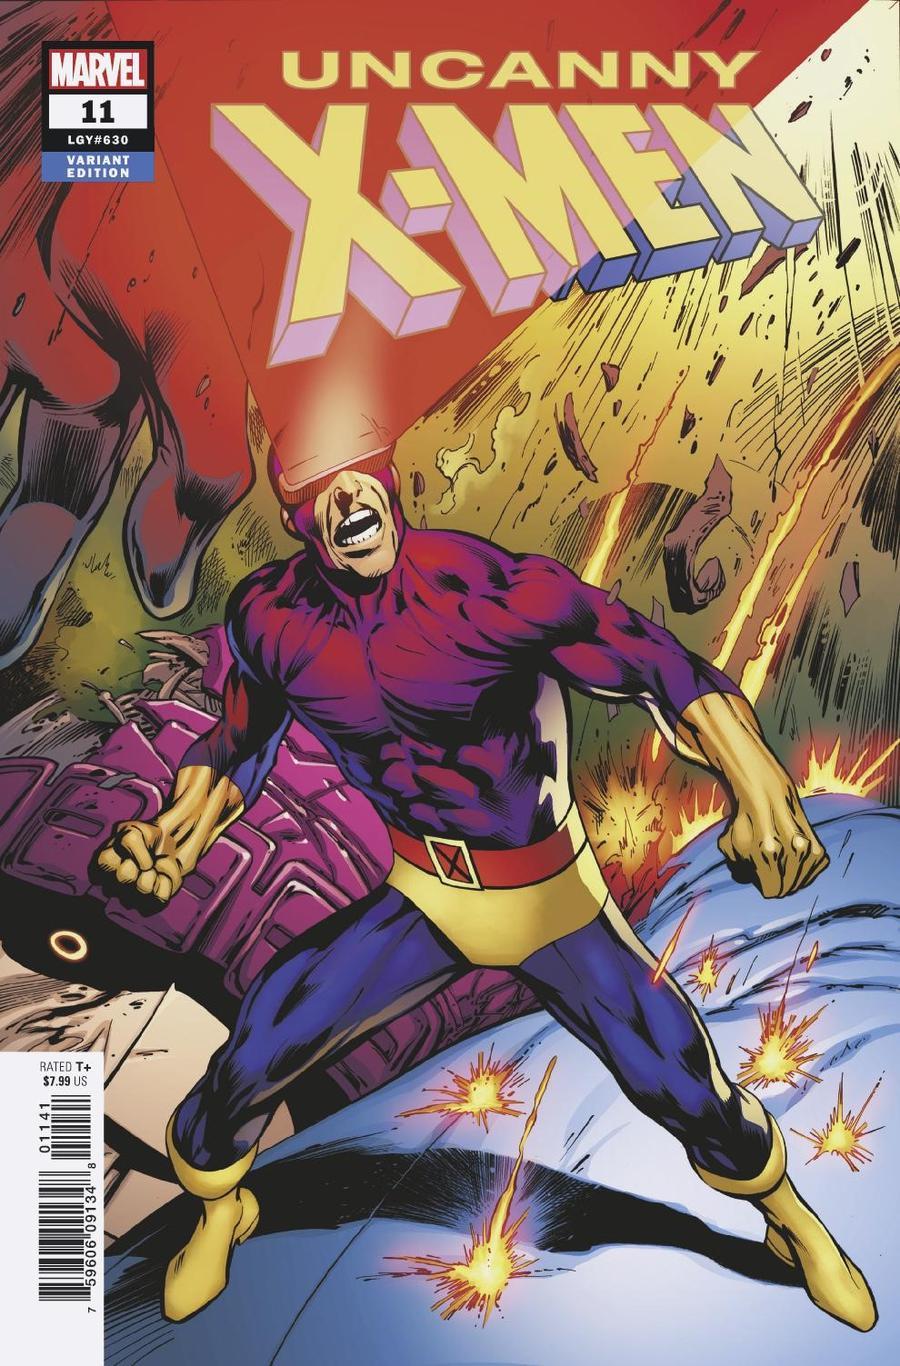 Uncanny X-Men Vol 5 #11 Cover D Variant Alan Davis Character Cover